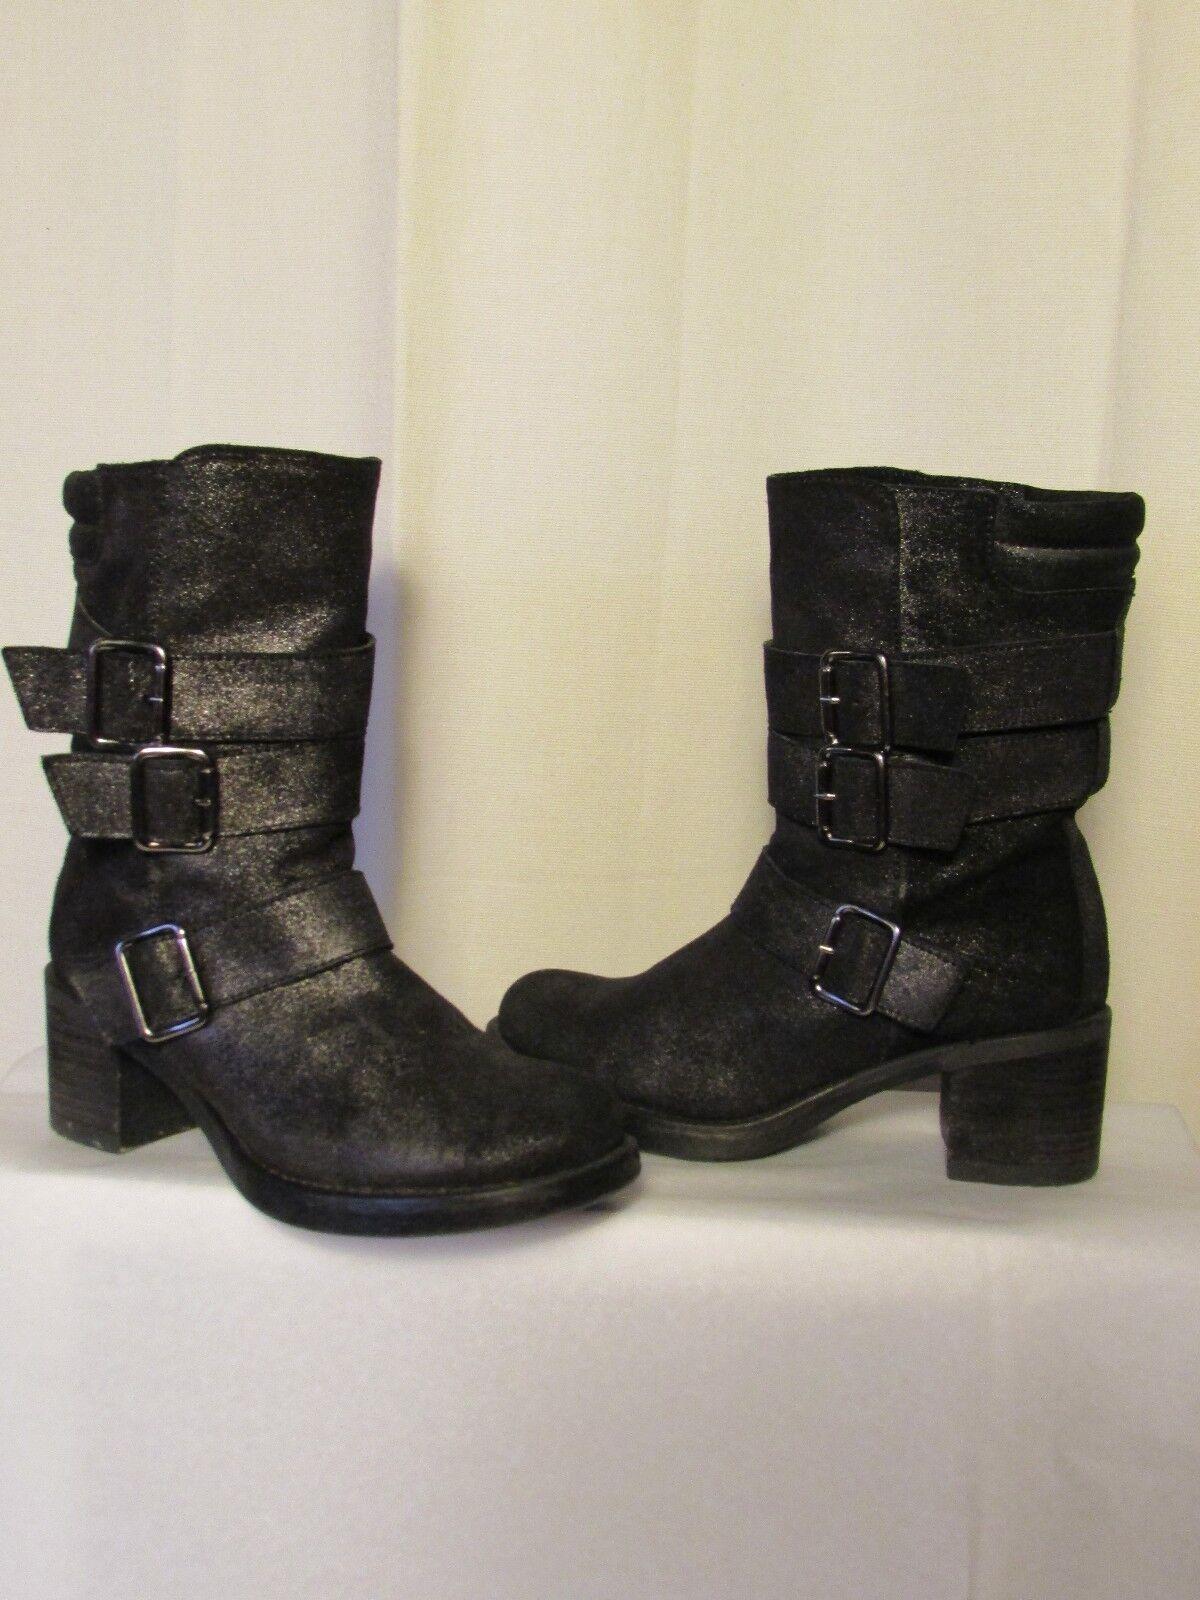 stivali/stivali UNISA crosta nero in pelle nero crosta metallizzato 36 9dfb48